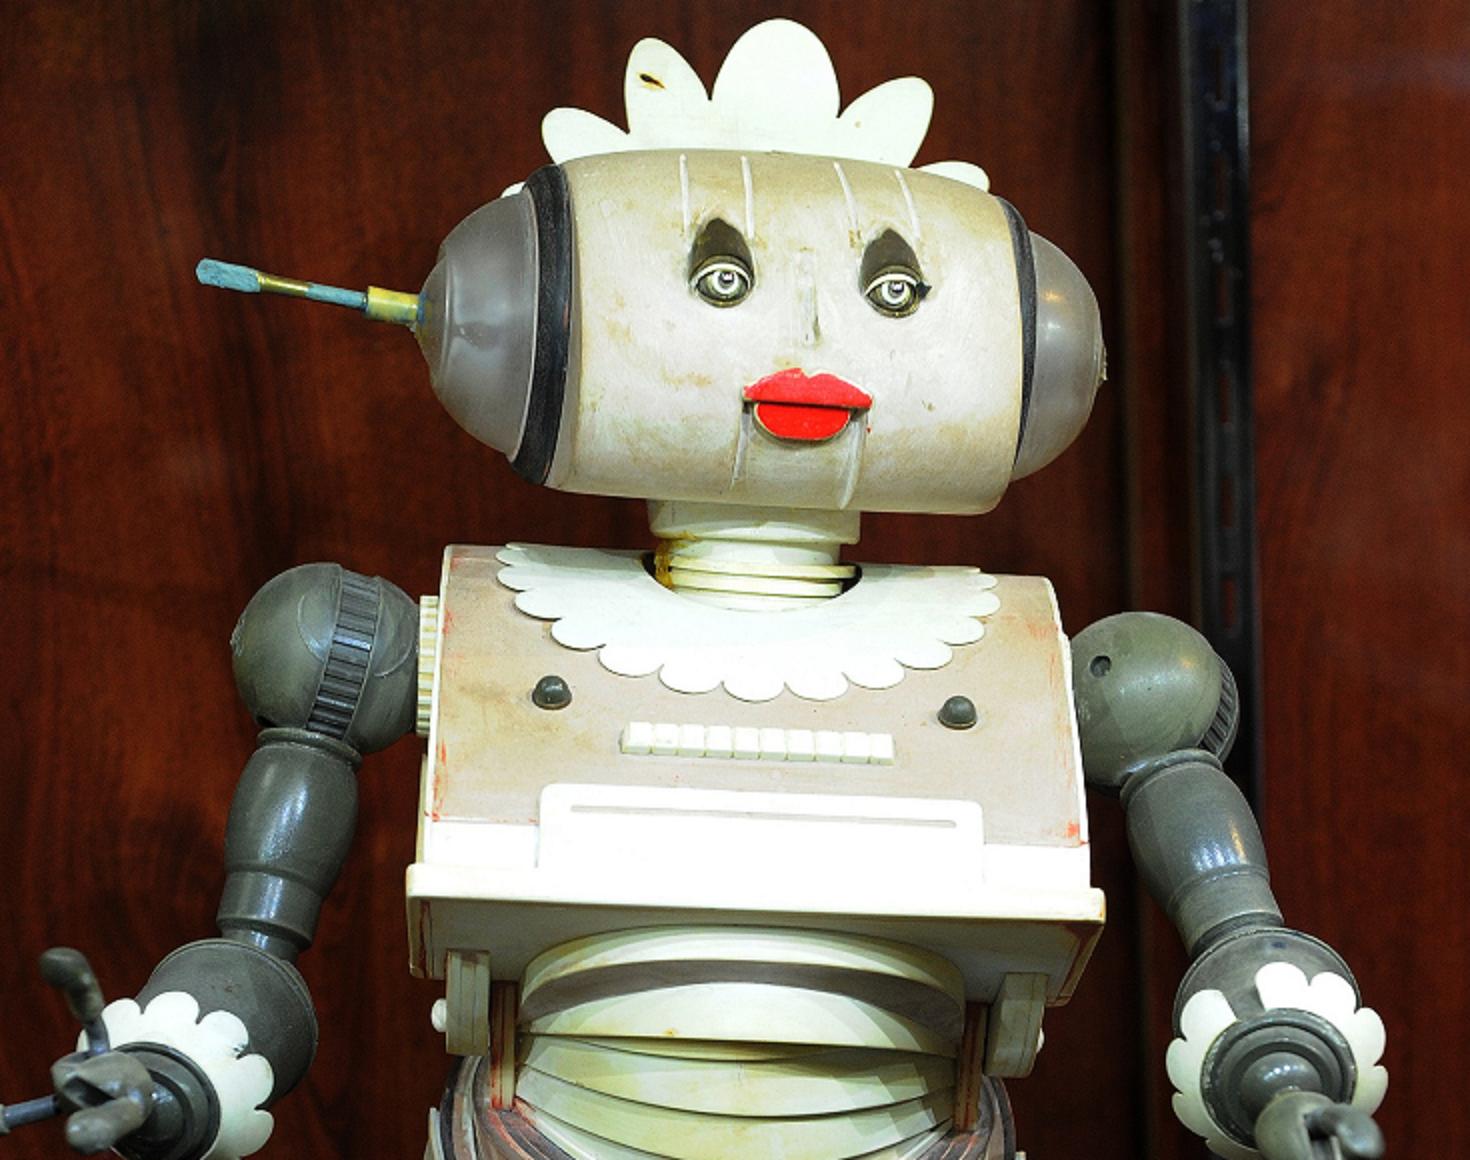 Rosie, a robô faxineira dos Jetsons, serviu de inspiração para o projeto Serenata de Amor. Foto de Mark Ralston